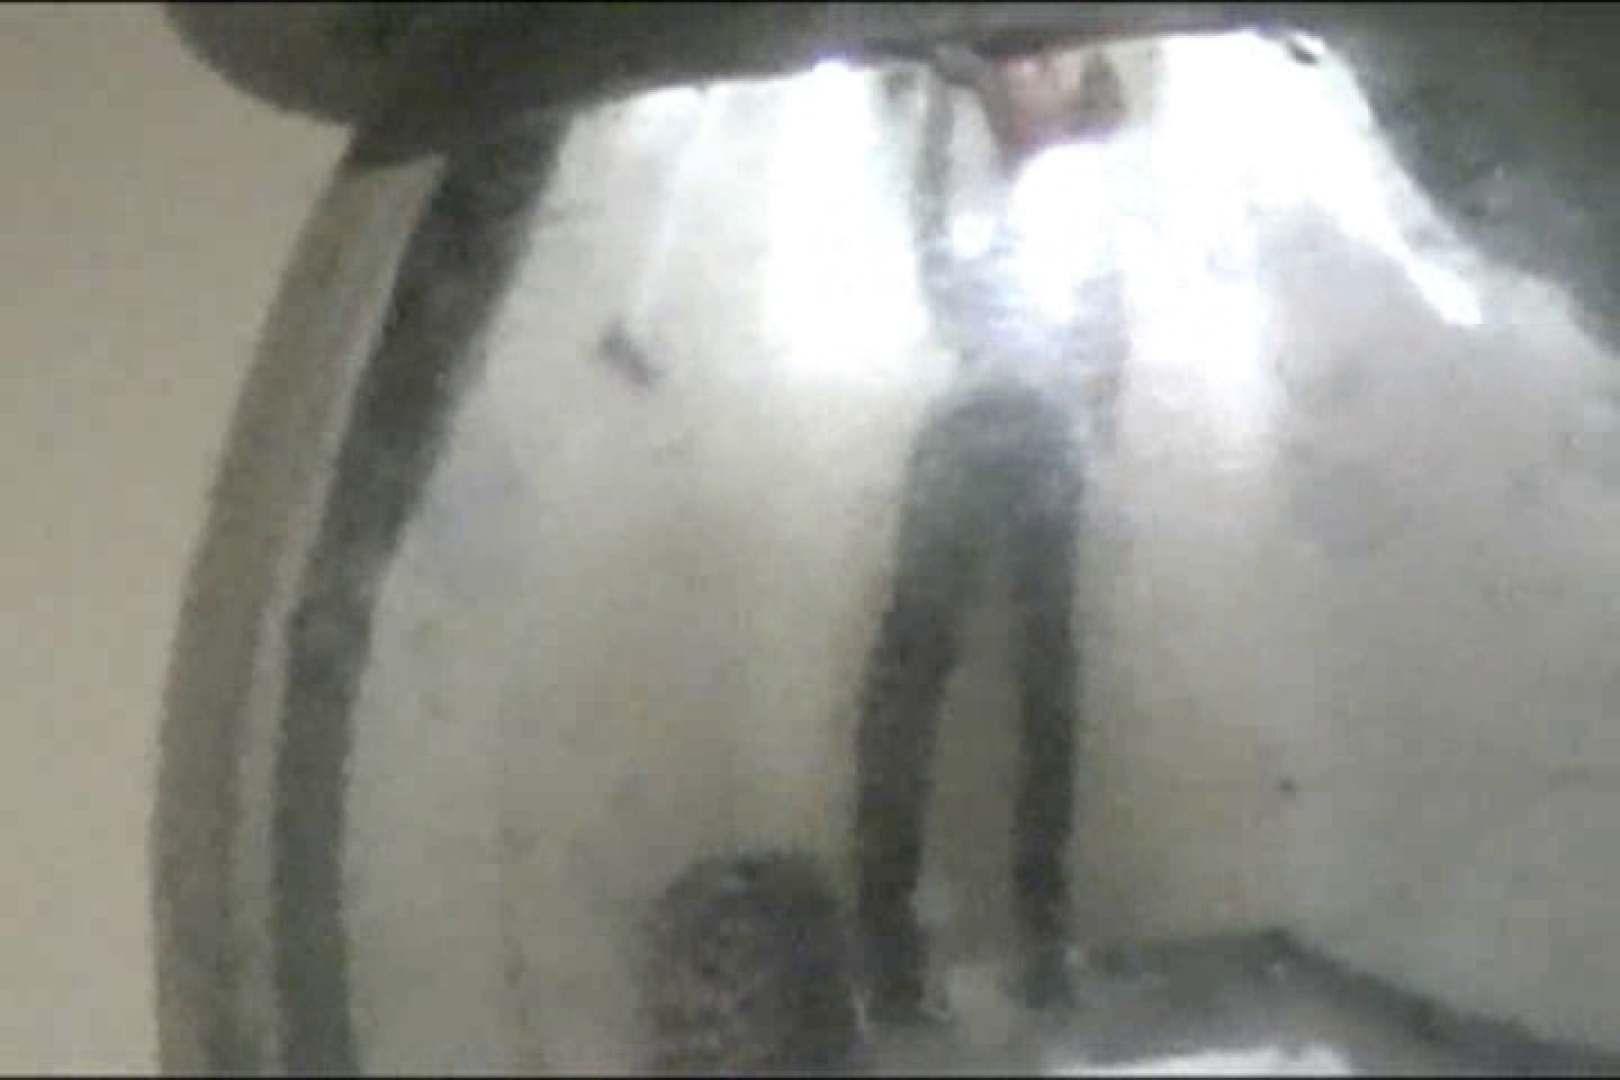 マンコ丸見え女子洗面所Vol.17 OLエロ画像 盗み撮り動画キャプチャ 74PICs 17